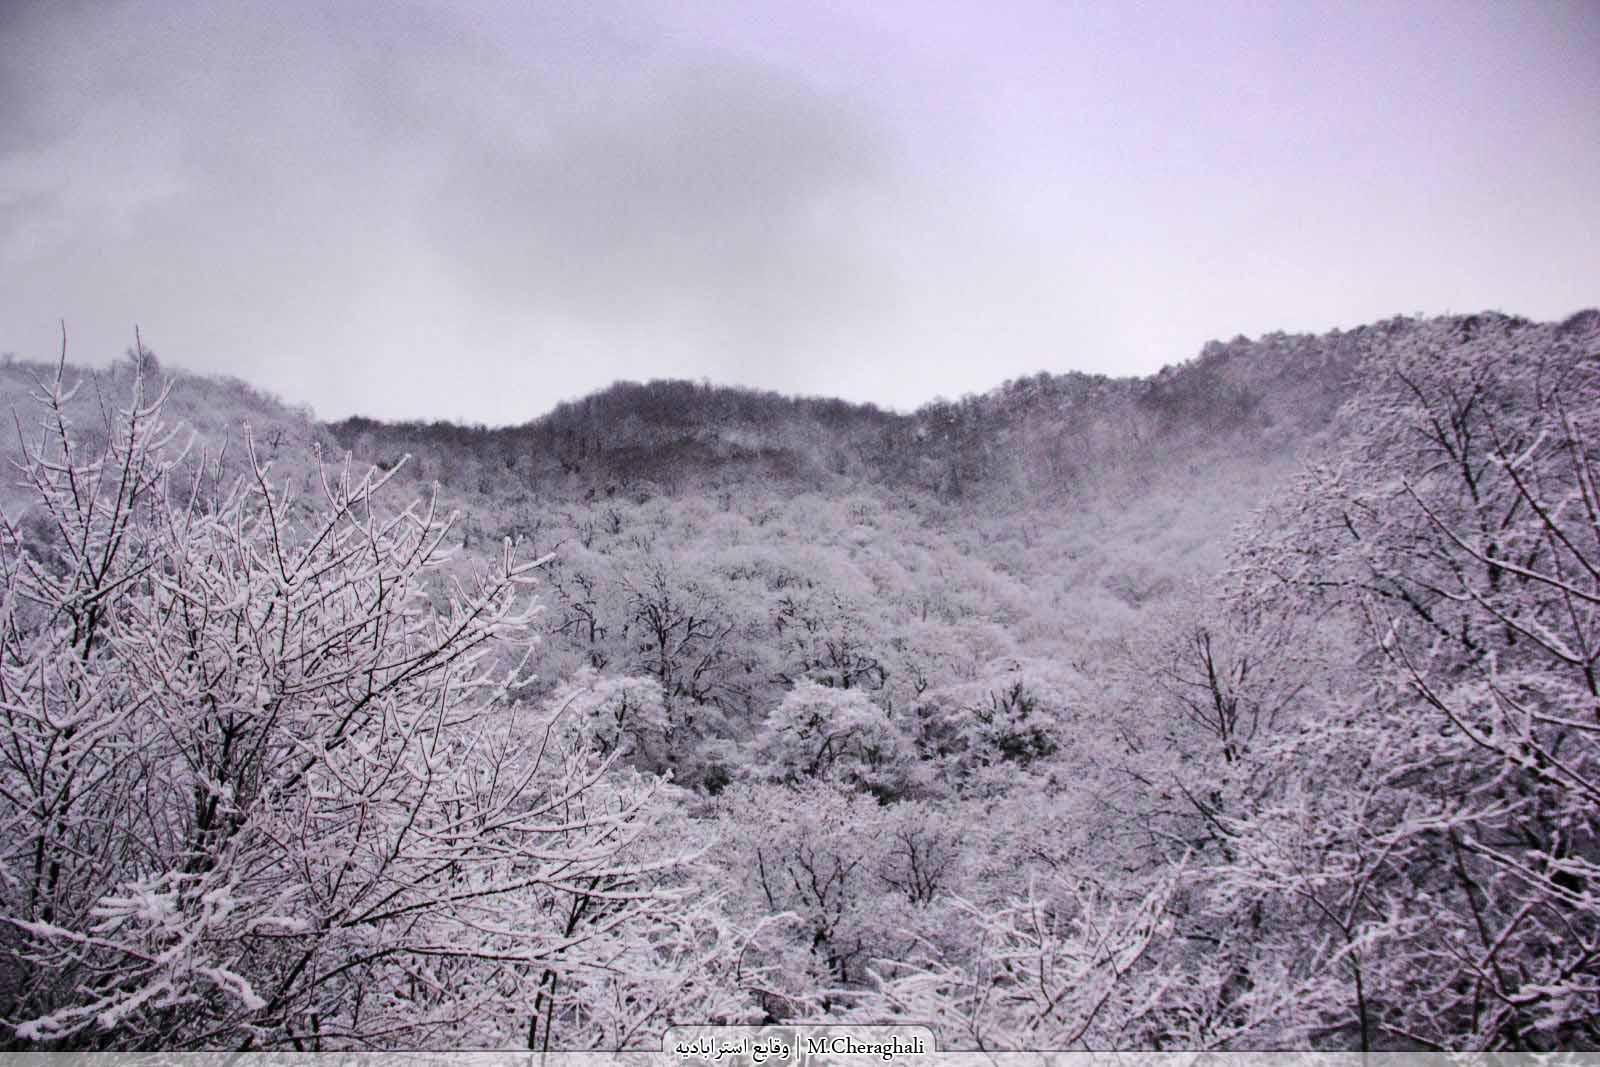 زمستان 1390 گرگان توسکستان